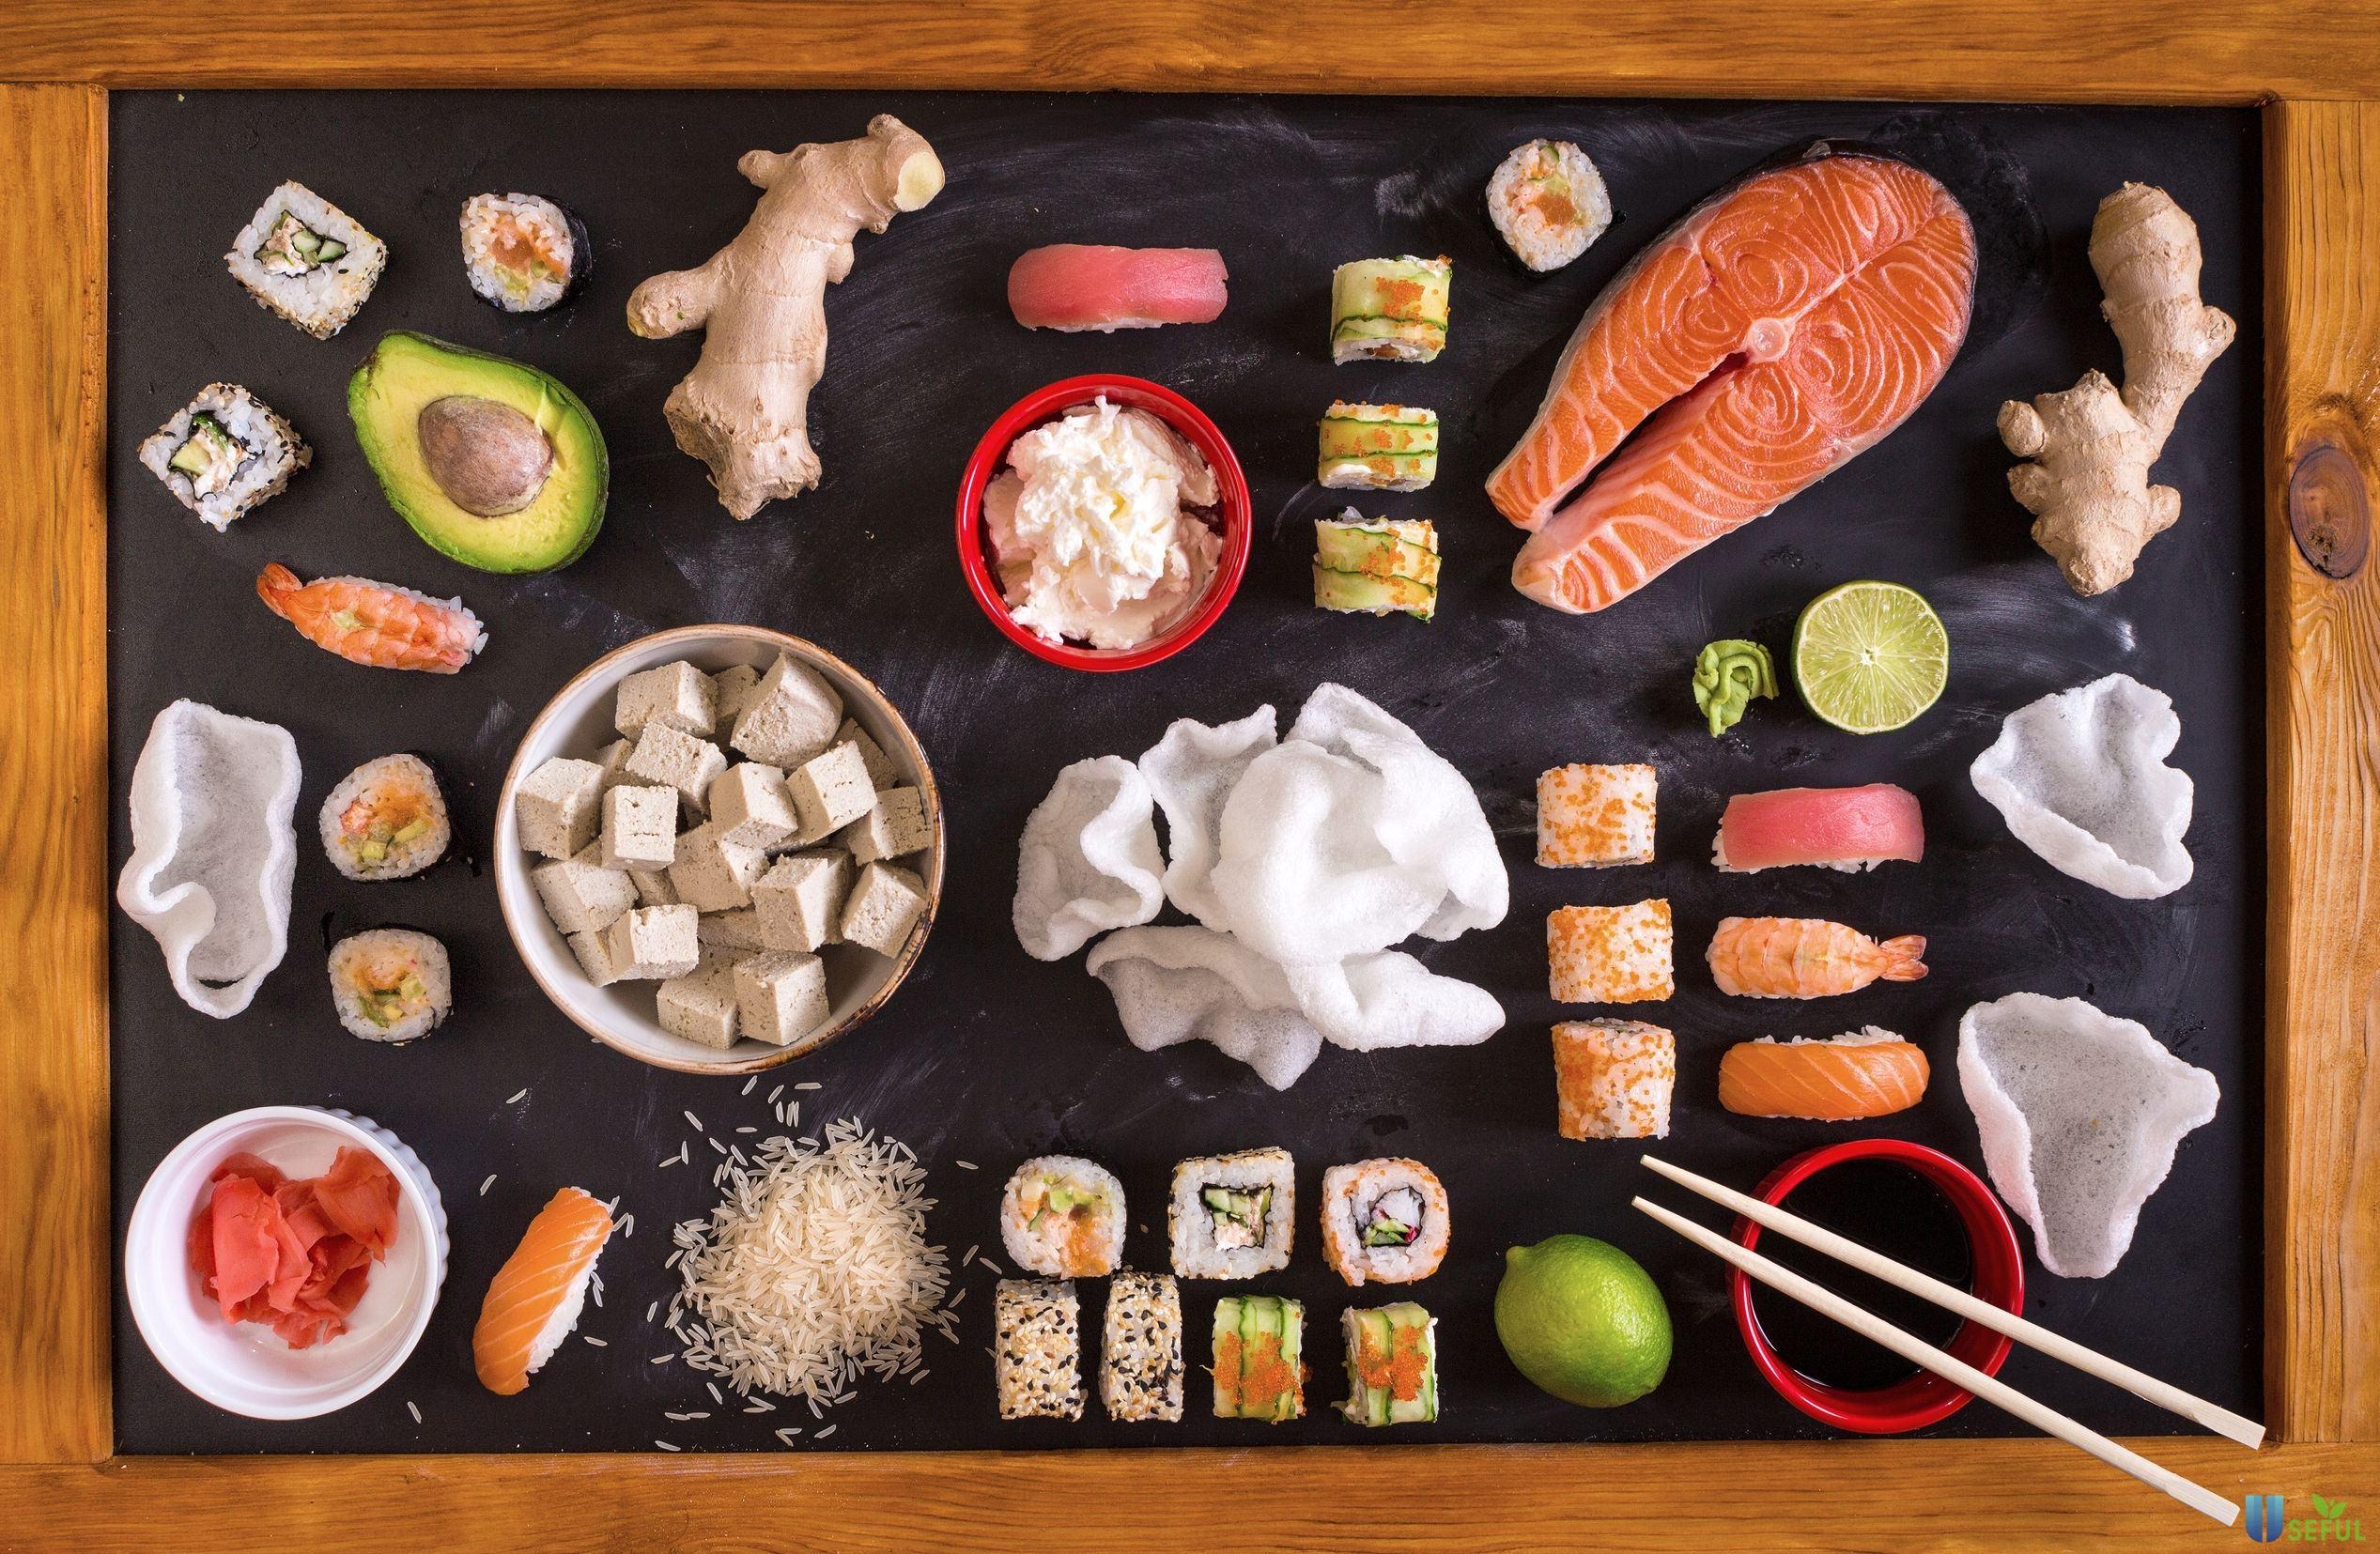 Văn hóa ẩm thực Nhật phong phú và đa dạng